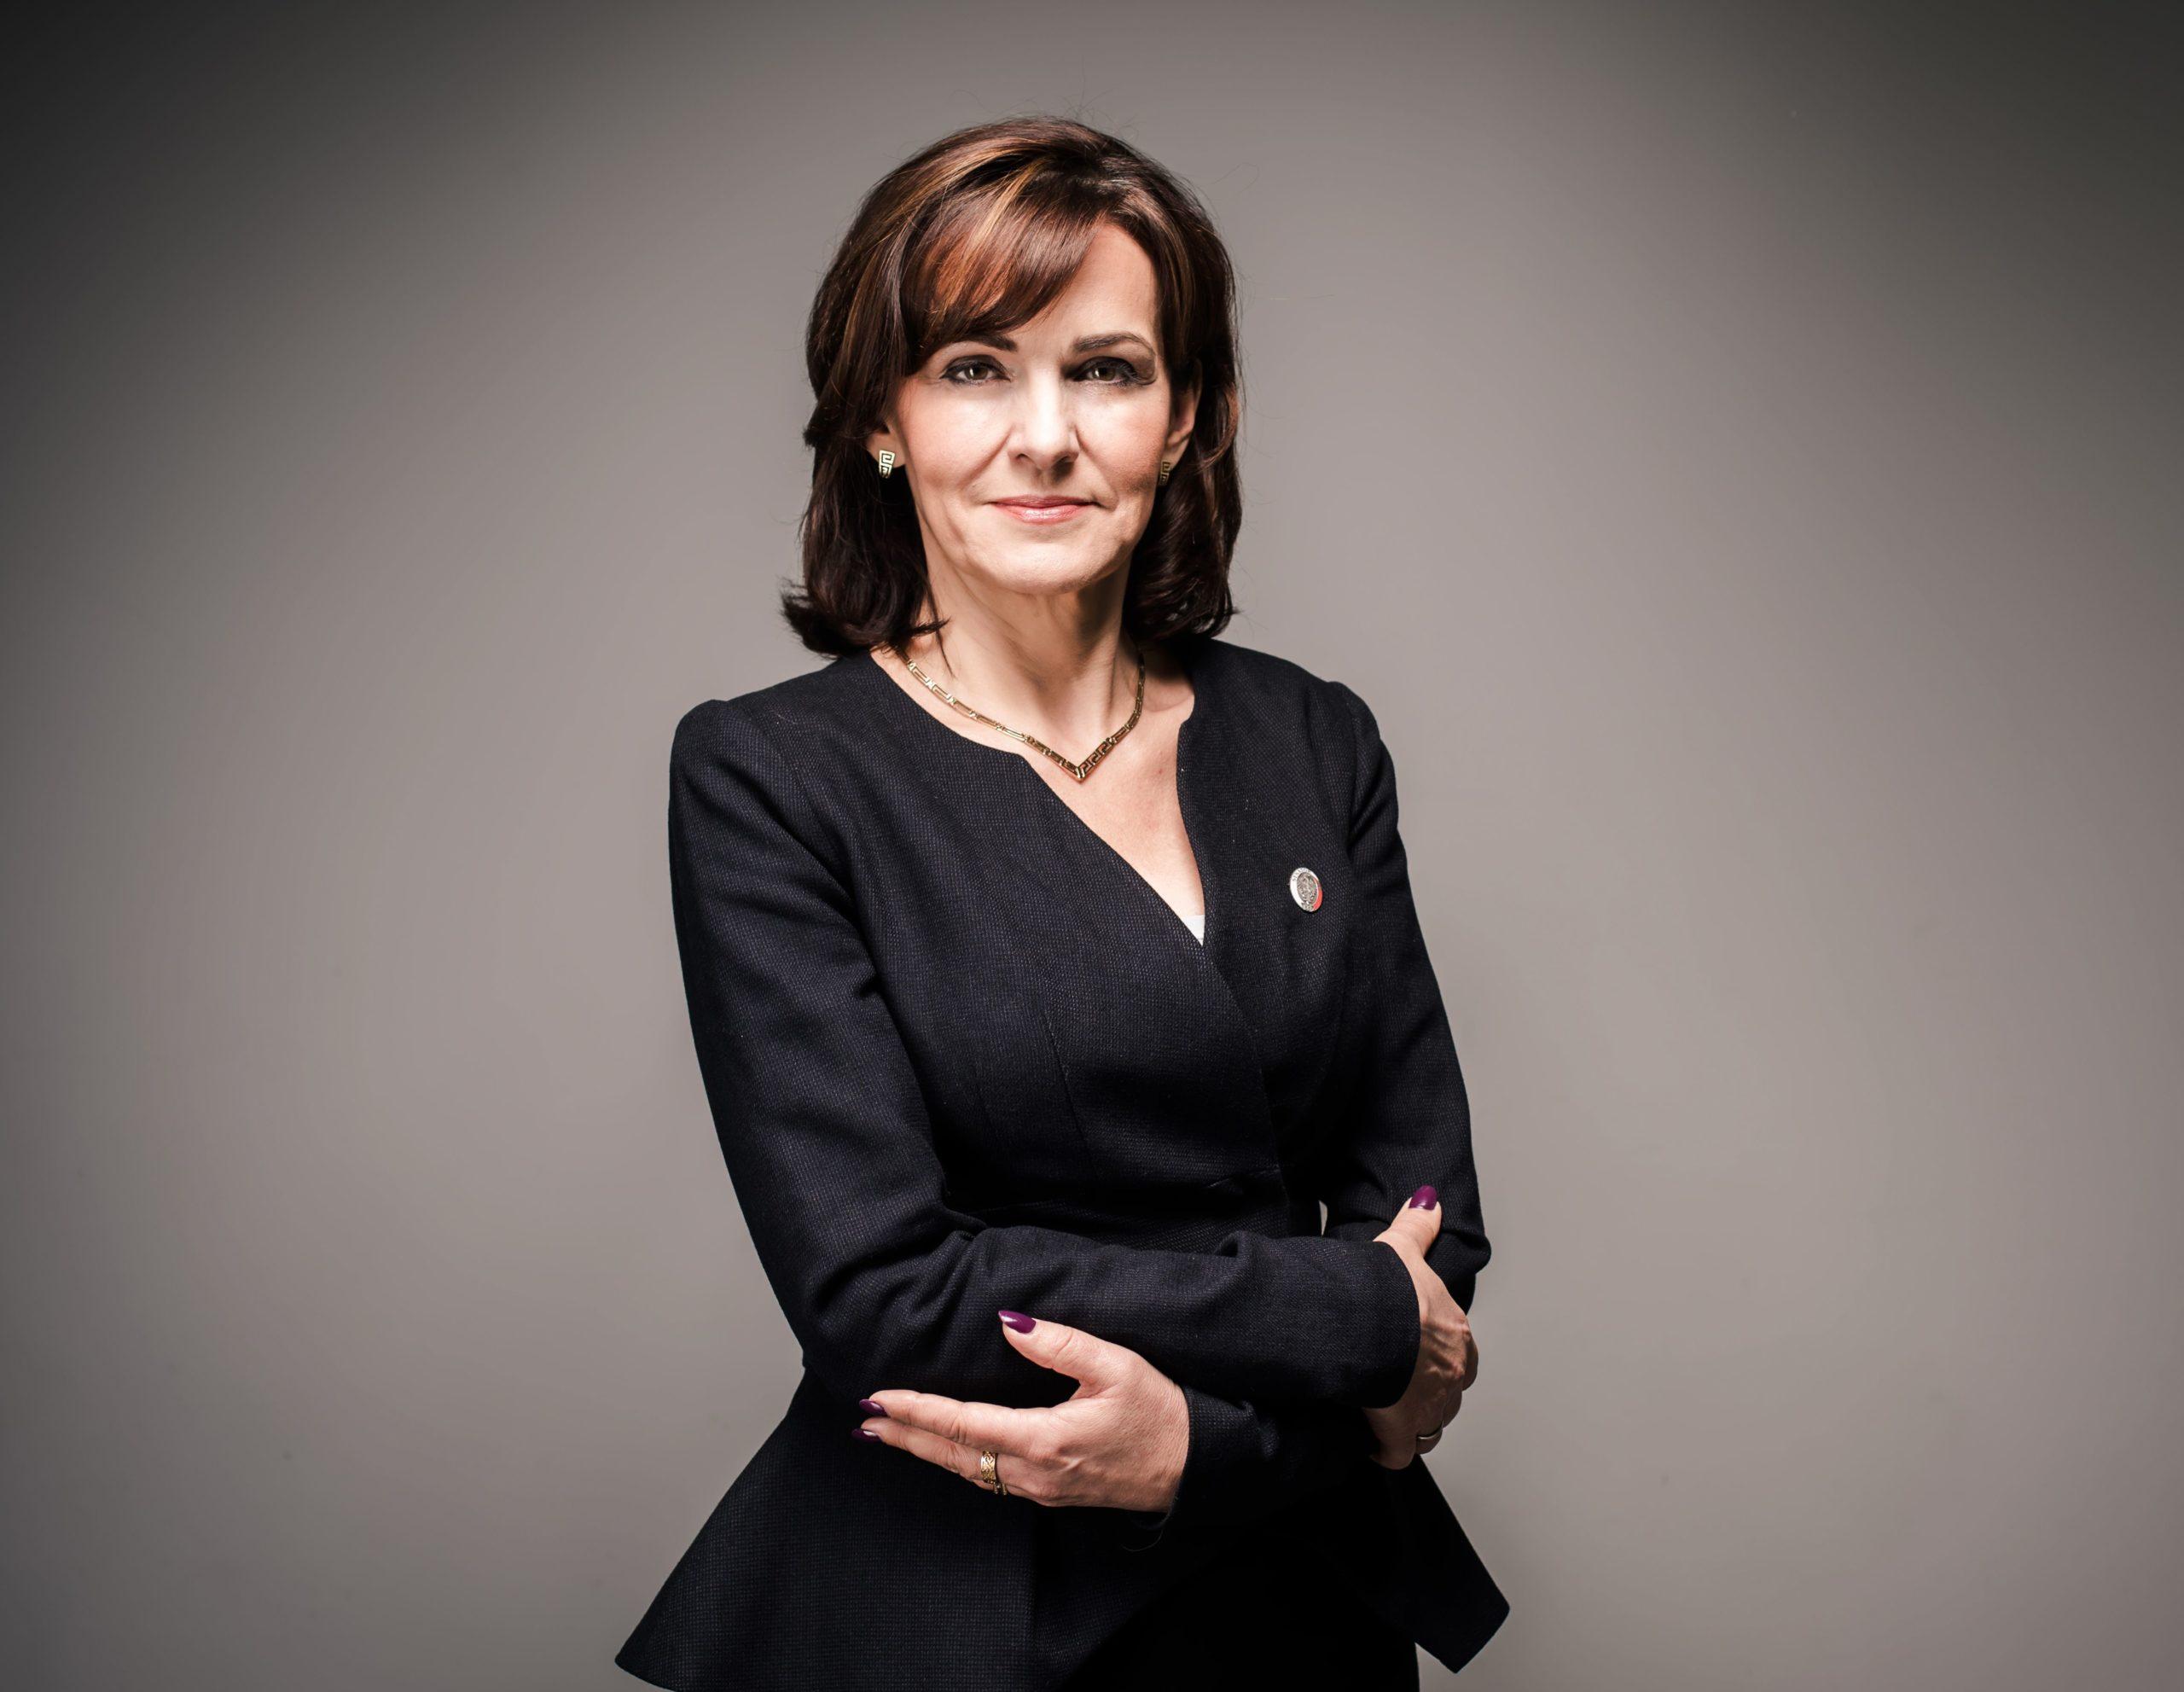 Gabriela_Morawska-Stanecka_Kancelaria_Senatu_2019a